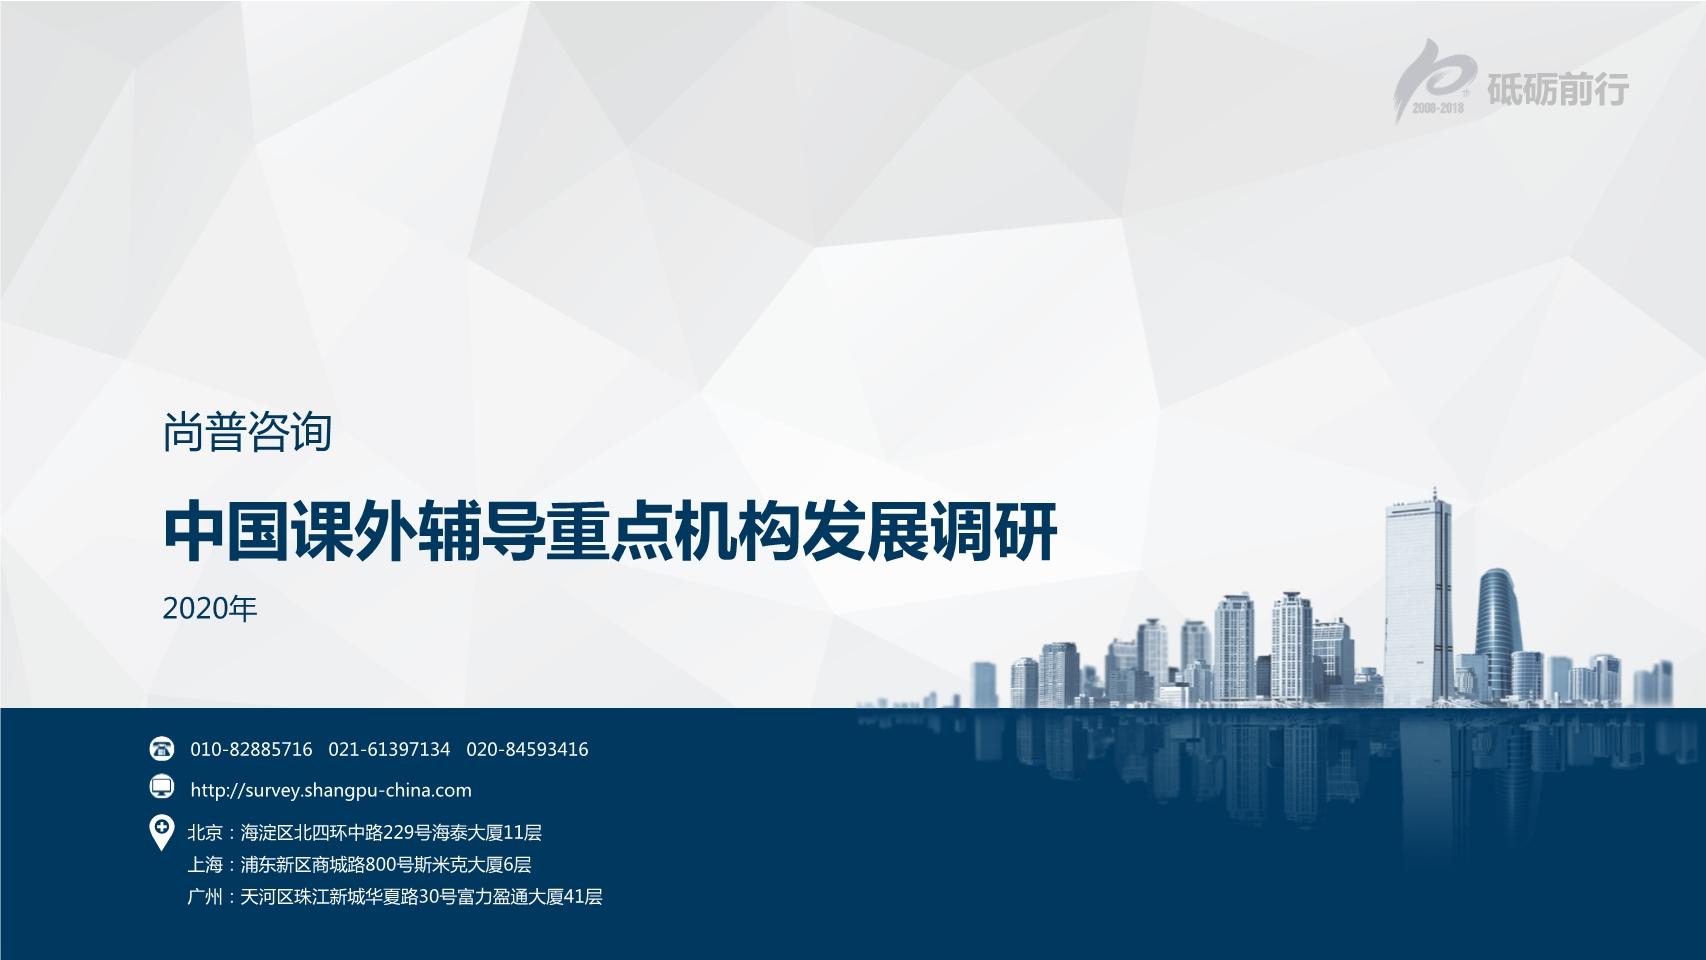 尚普咨询-2020年中国课外辅导重点机构发展调研